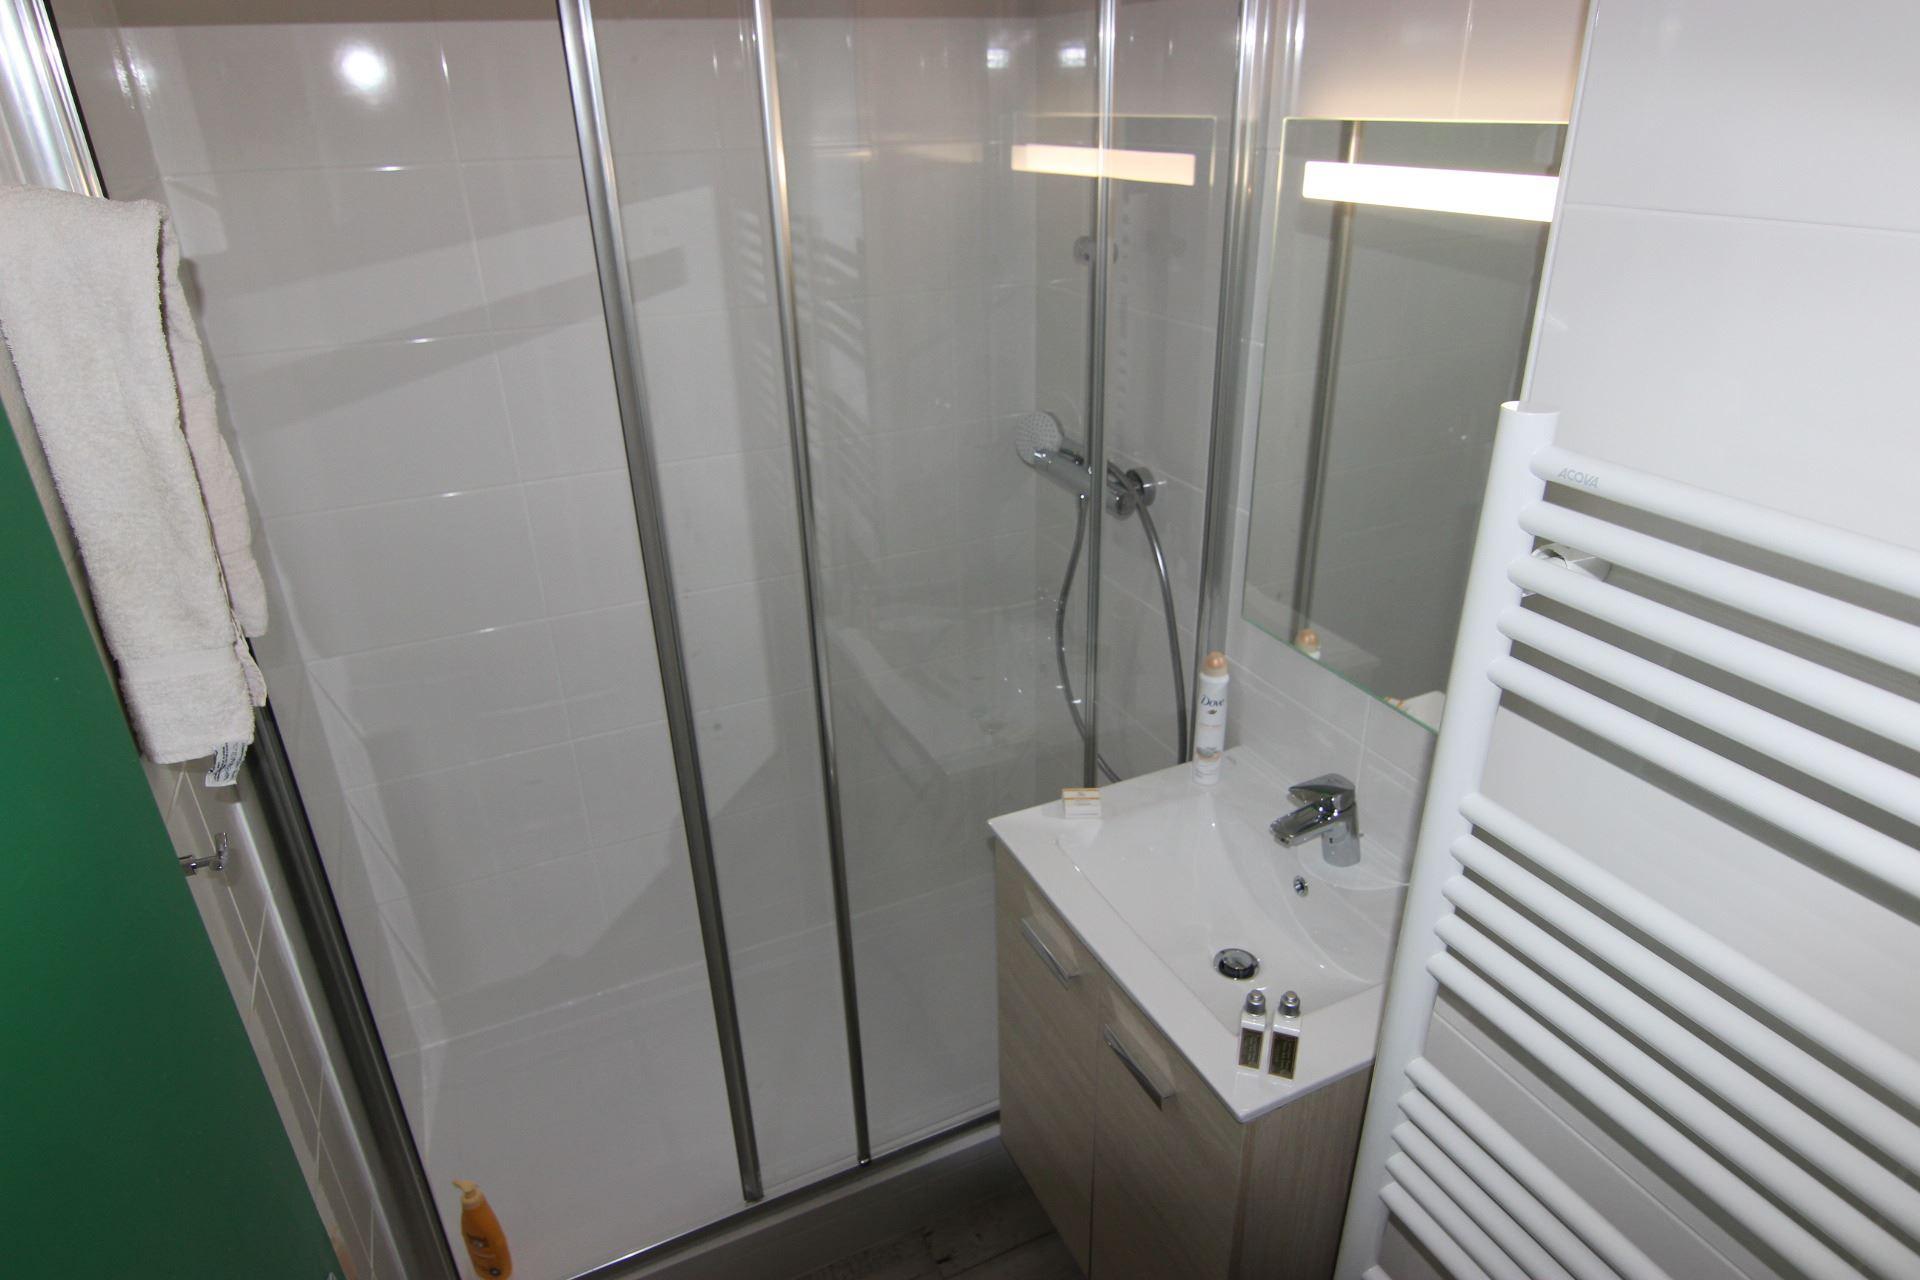 LAC DU LOU 404 / 2 ROOMS 4 PERSONS - 2 BRONZE SNOWFLAKES - VTI